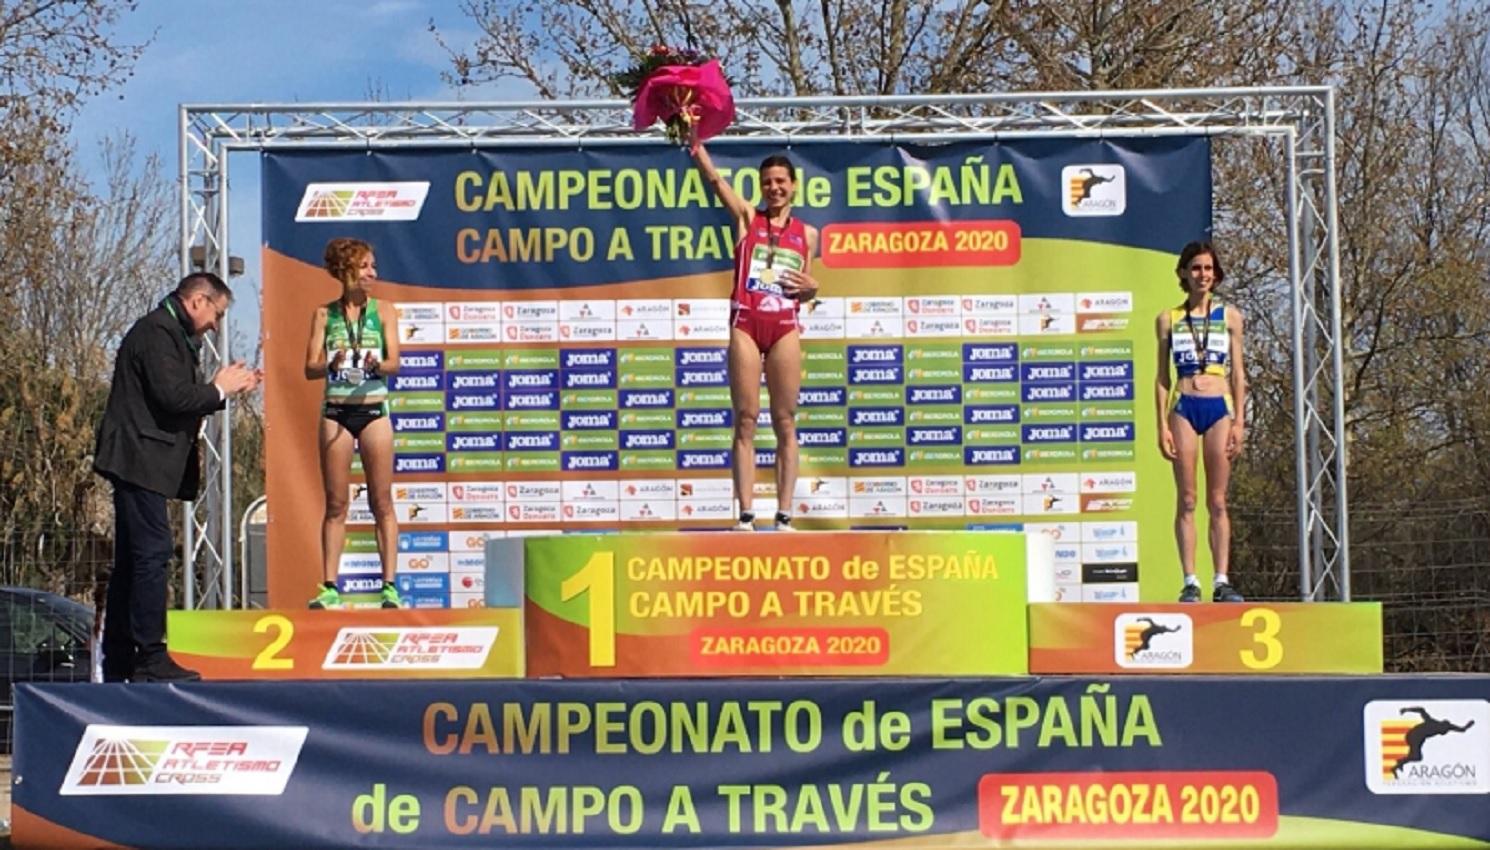 Irene Sánchez-Escribano en lo alto del podio del Campeonato de España disputado en Zaragoza.